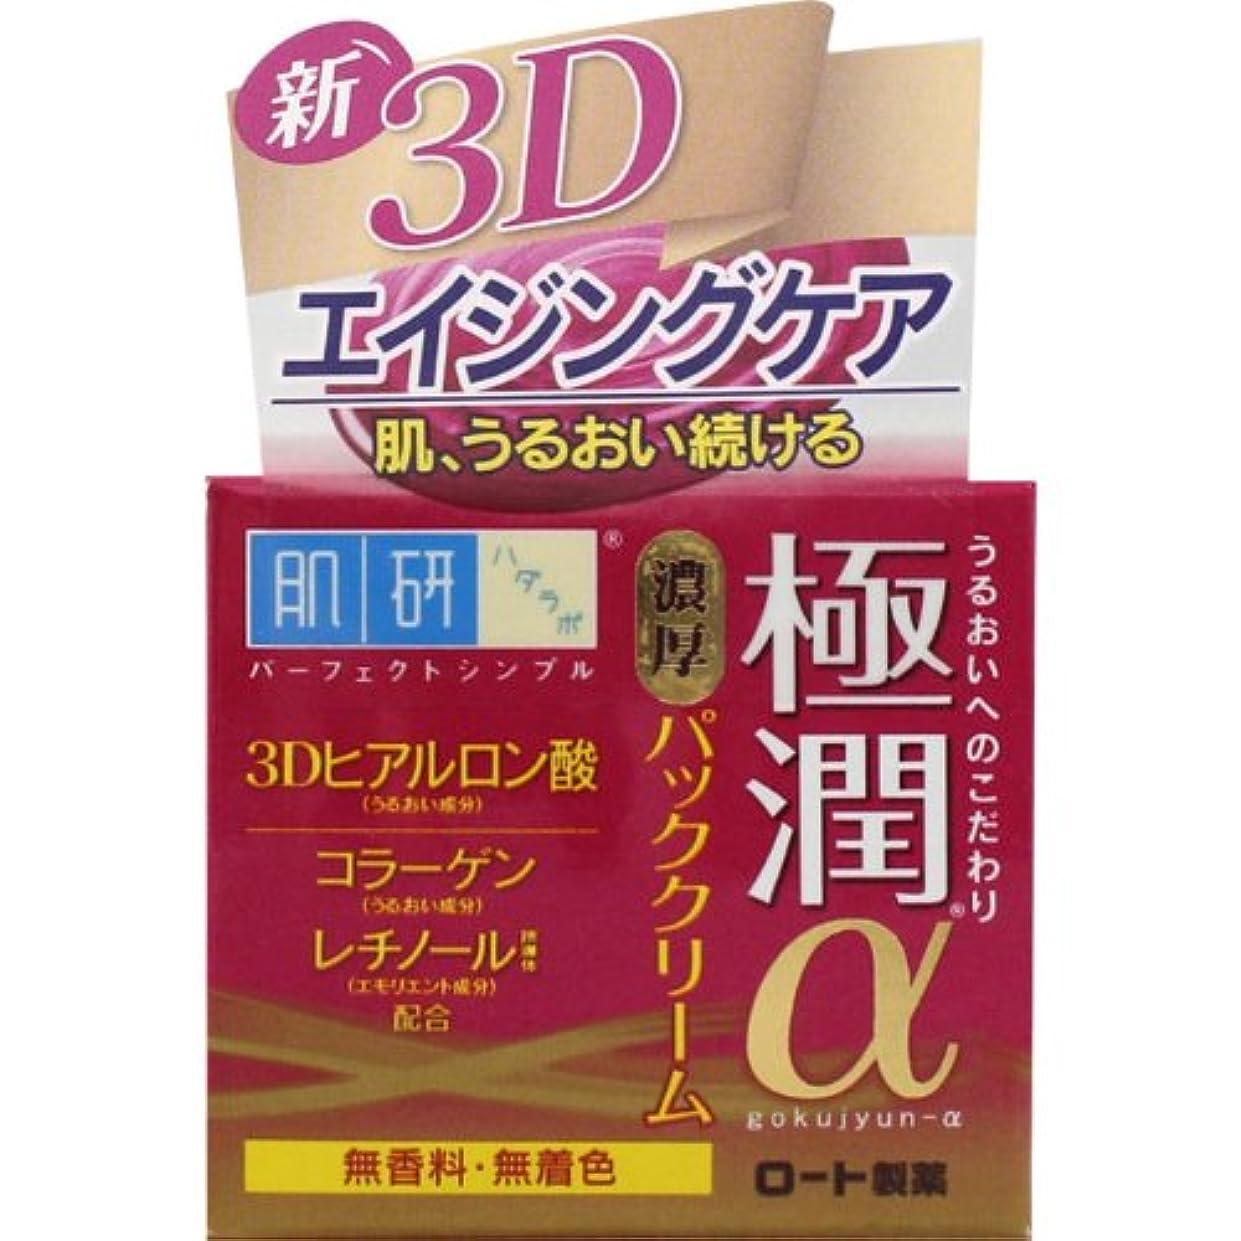 既婚歯科の郵便肌研(ハダラボ) 極潤 αパッククリーム 50g